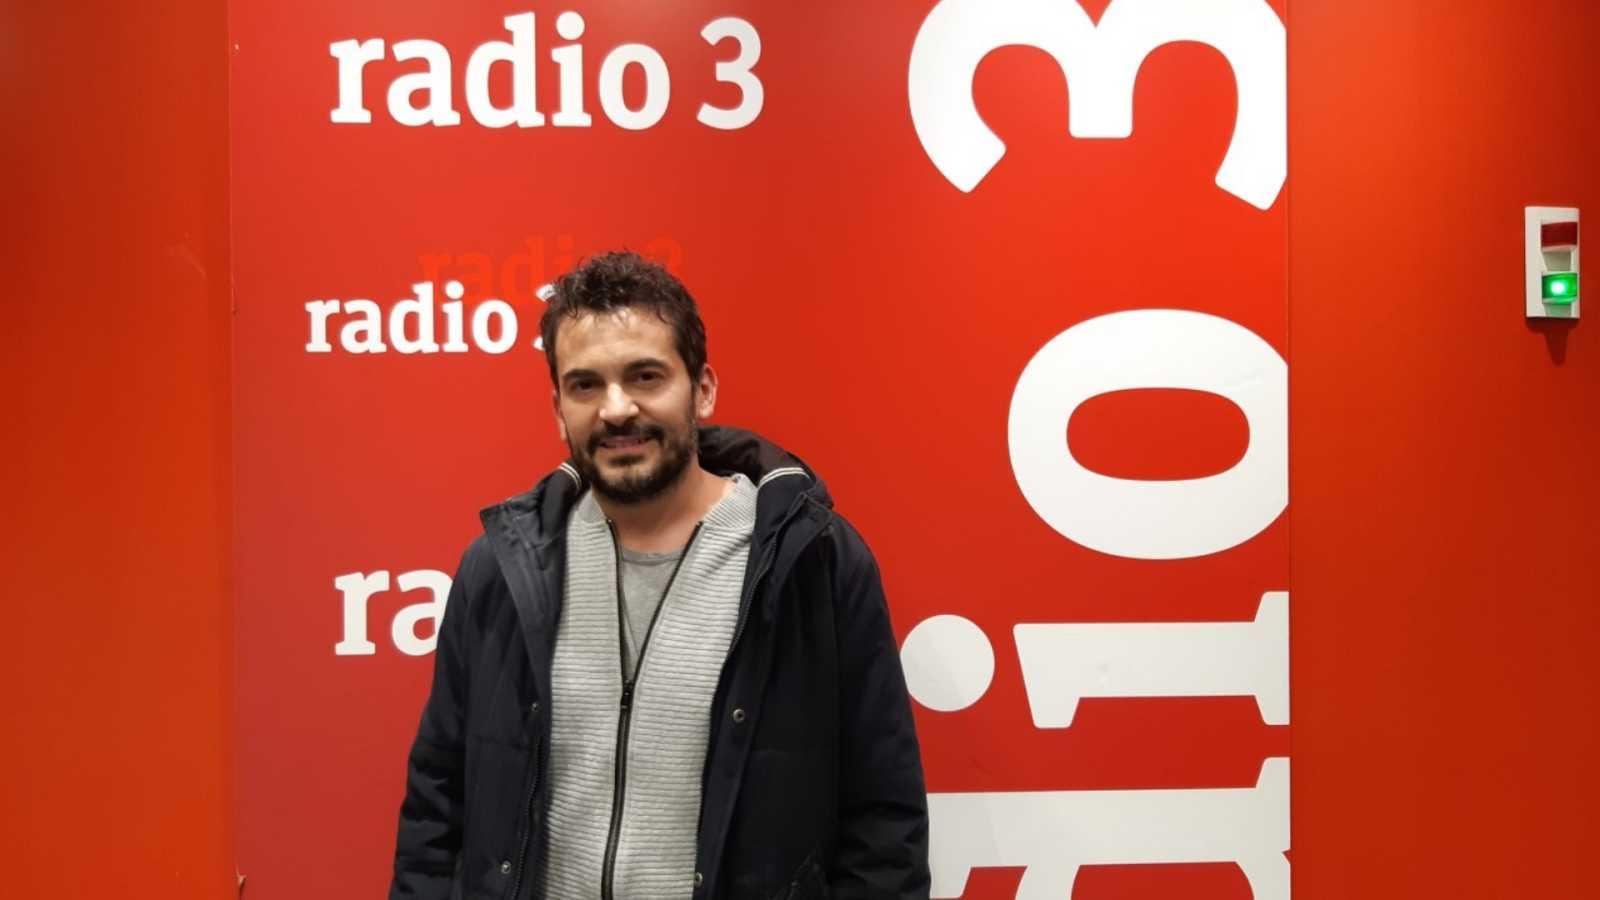 En Radio 3 - Nando Abad - 05/12/20 - escuchar ahora